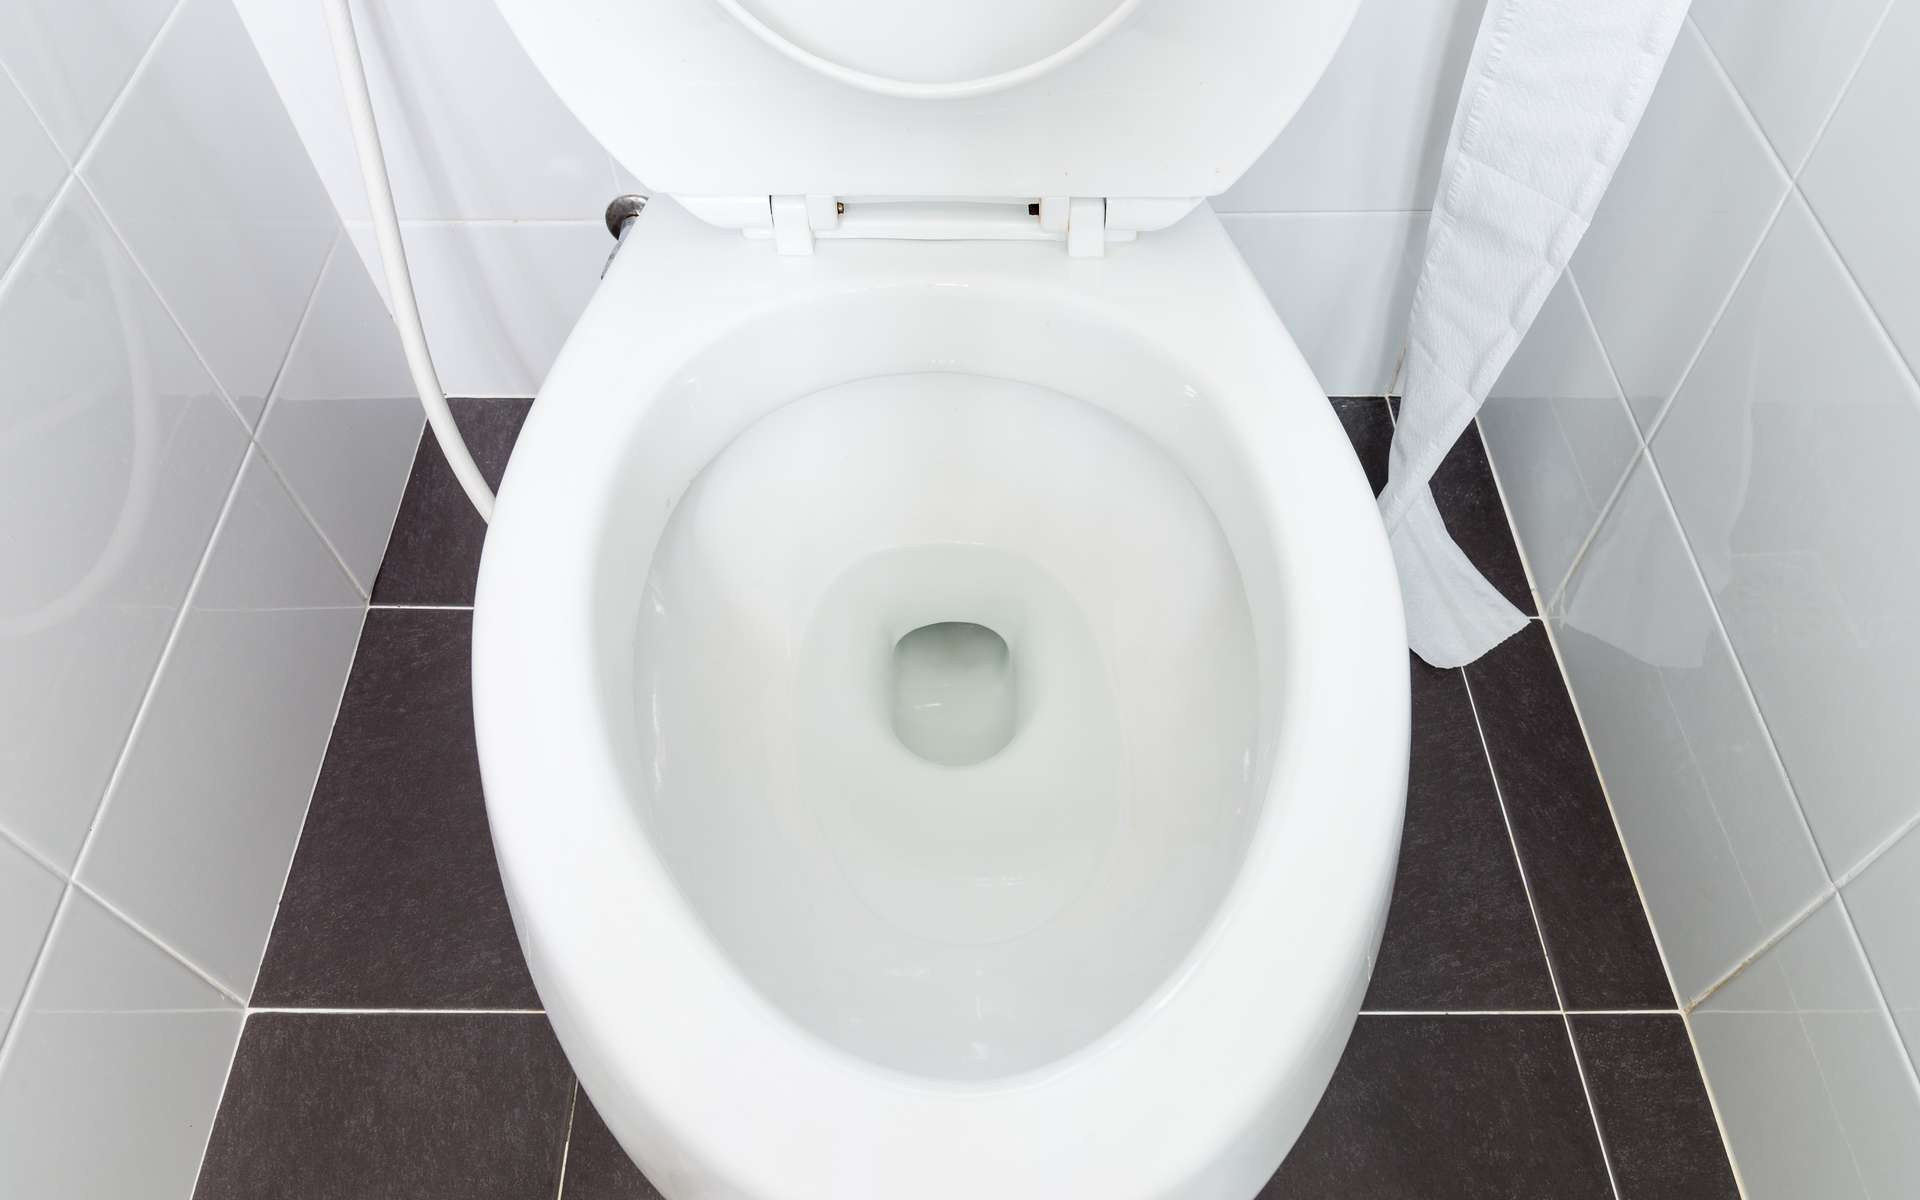 L'eau des toilettes, révélatrice du statut social. © trainman111, Adobe Stock